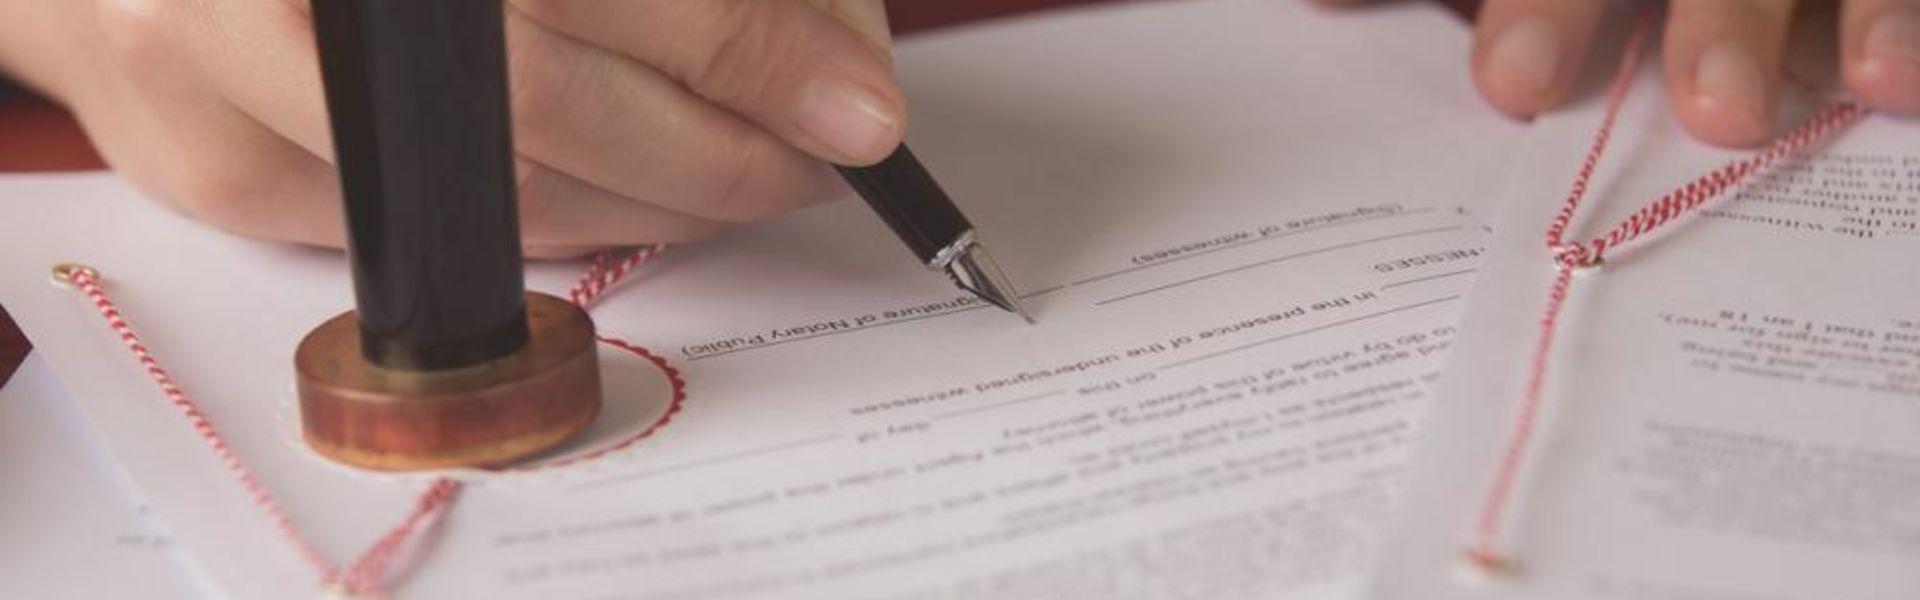 Kunnen erfdienstbaarheden ontstaan zonder een contract? Ontdek het antwoord en andere actua hier!